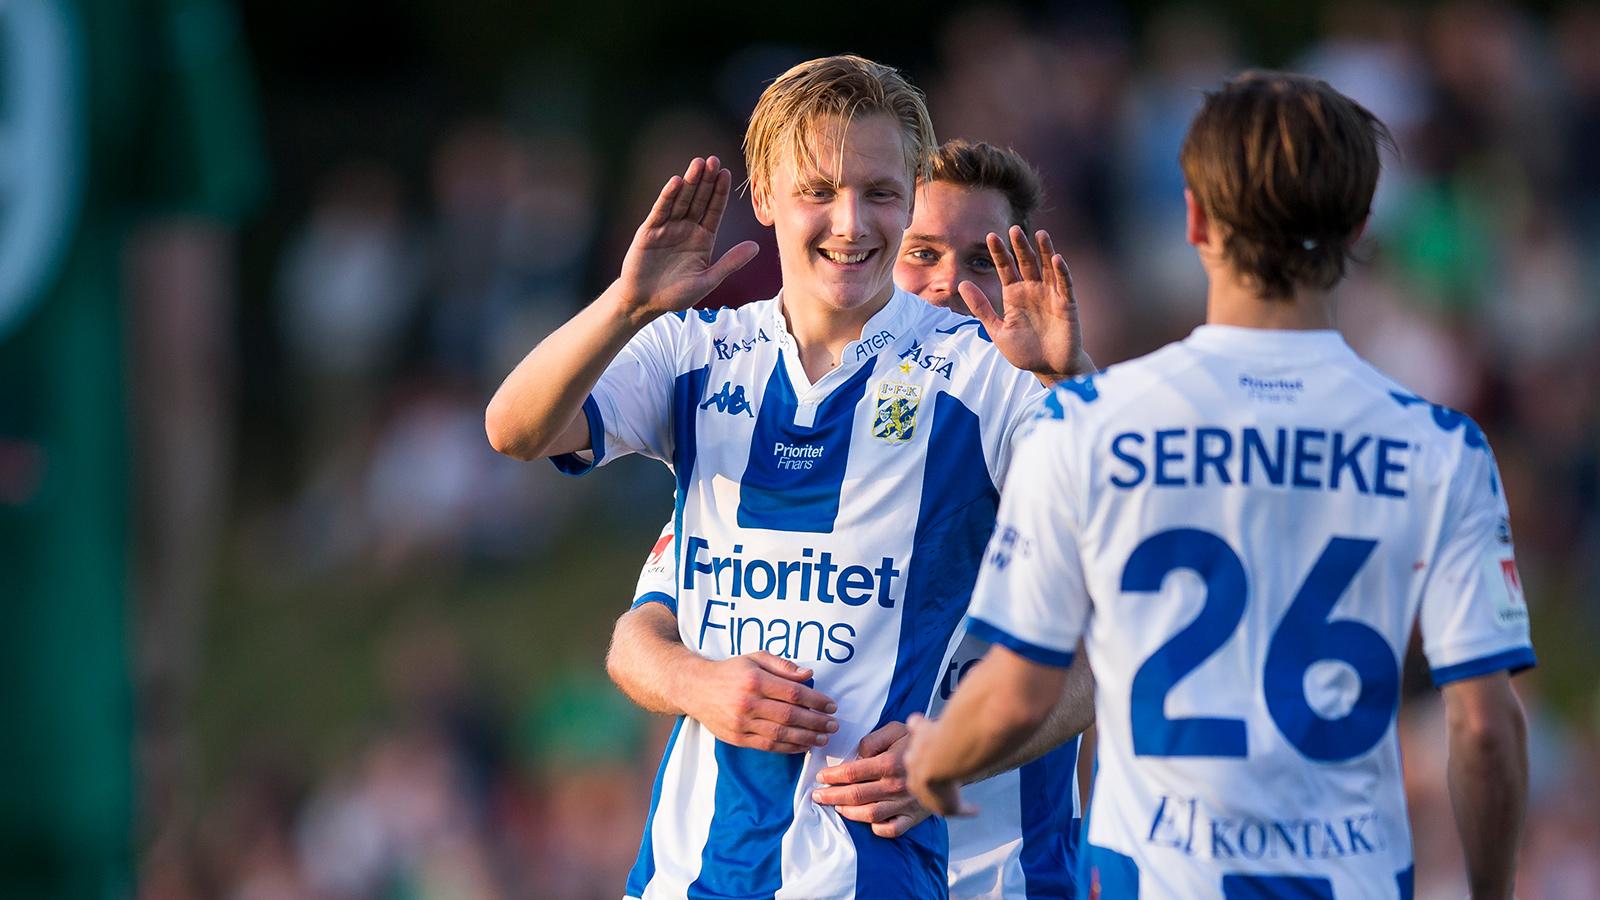 170823 IFK Göteborgs Billy Nordström jublar efter 0-3 på frispark under fotbollsmatchen i Svenska cupen mellan Landvetter och IFK Göteborg den 23 augusti 2017 i Göteborg.